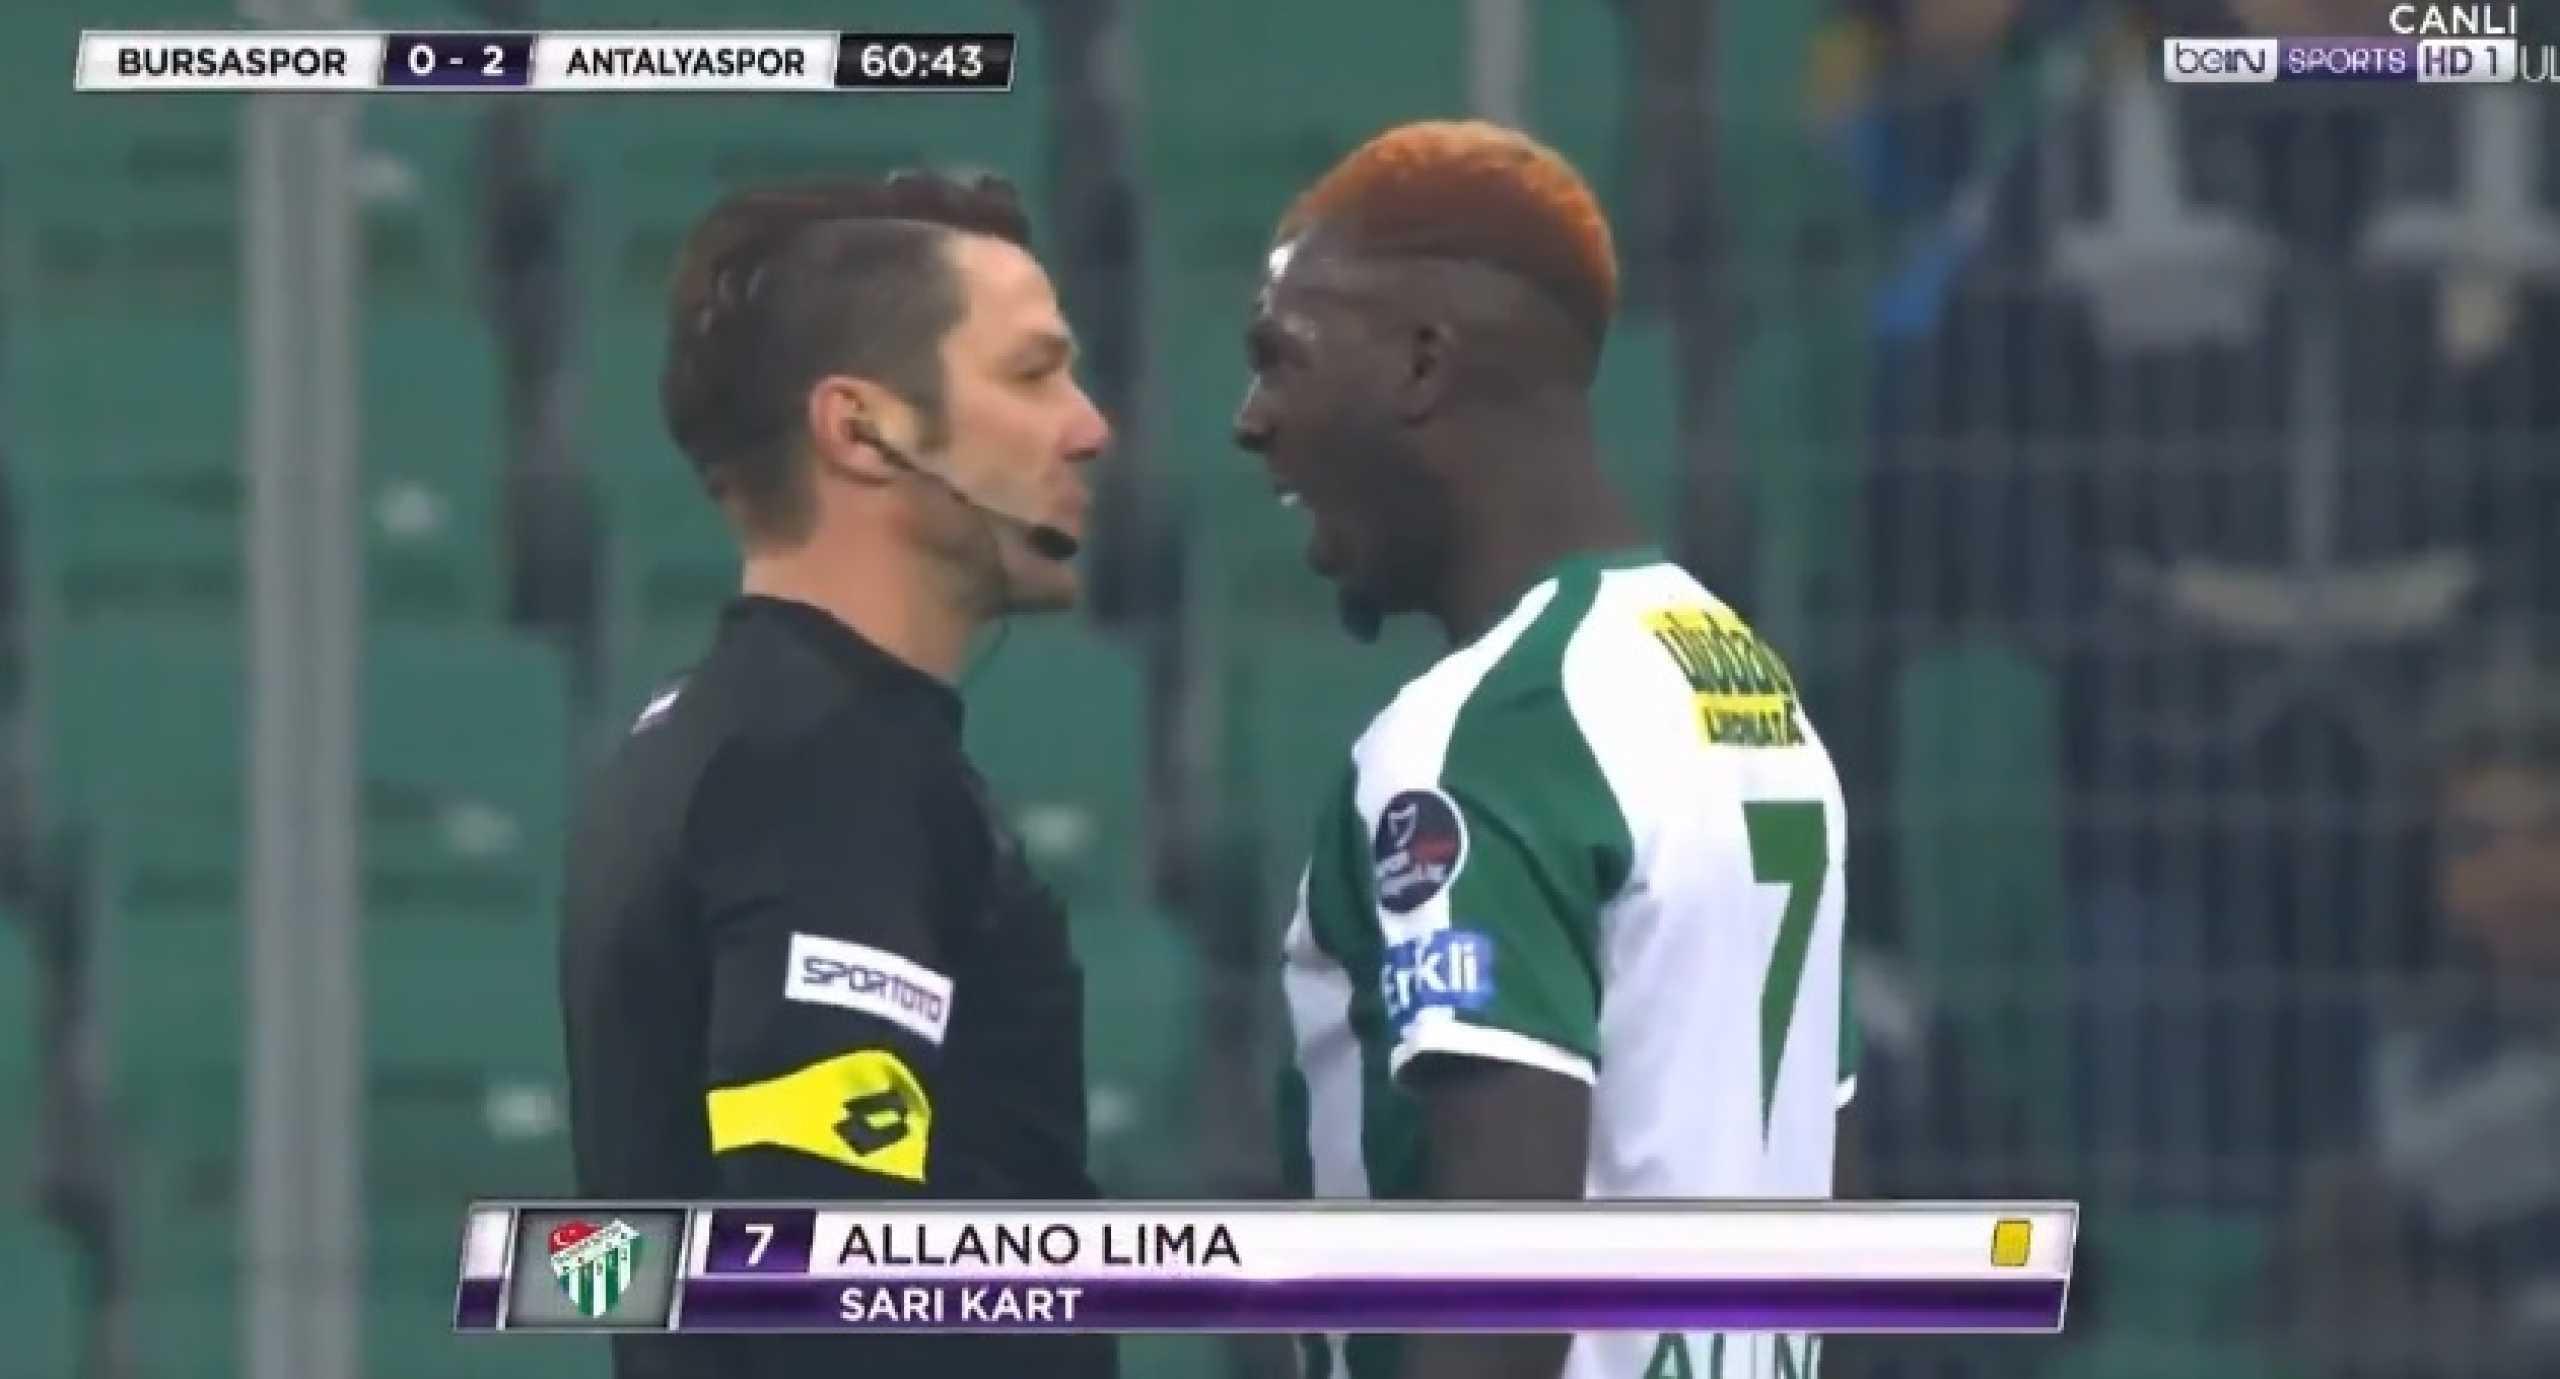 Árbitro turco mostra como se mete um jogador no sítio. Bastou um olhar